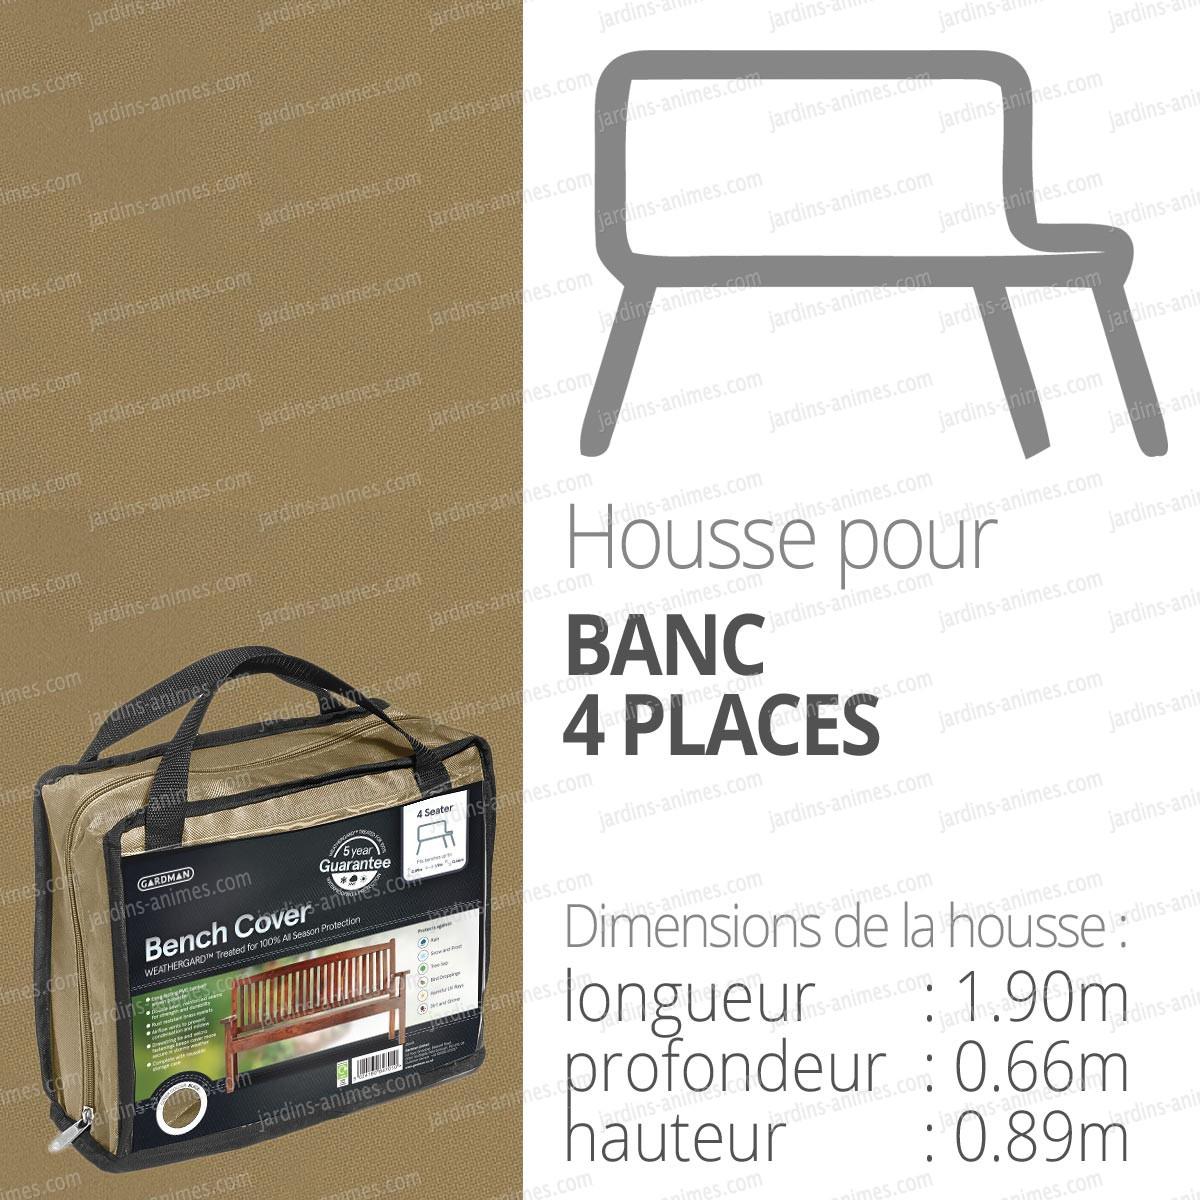 housse bache protection banc 4 places long 190cm protection du mobilier de jardin. Black Bedroom Furniture Sets. Home Design Ideas